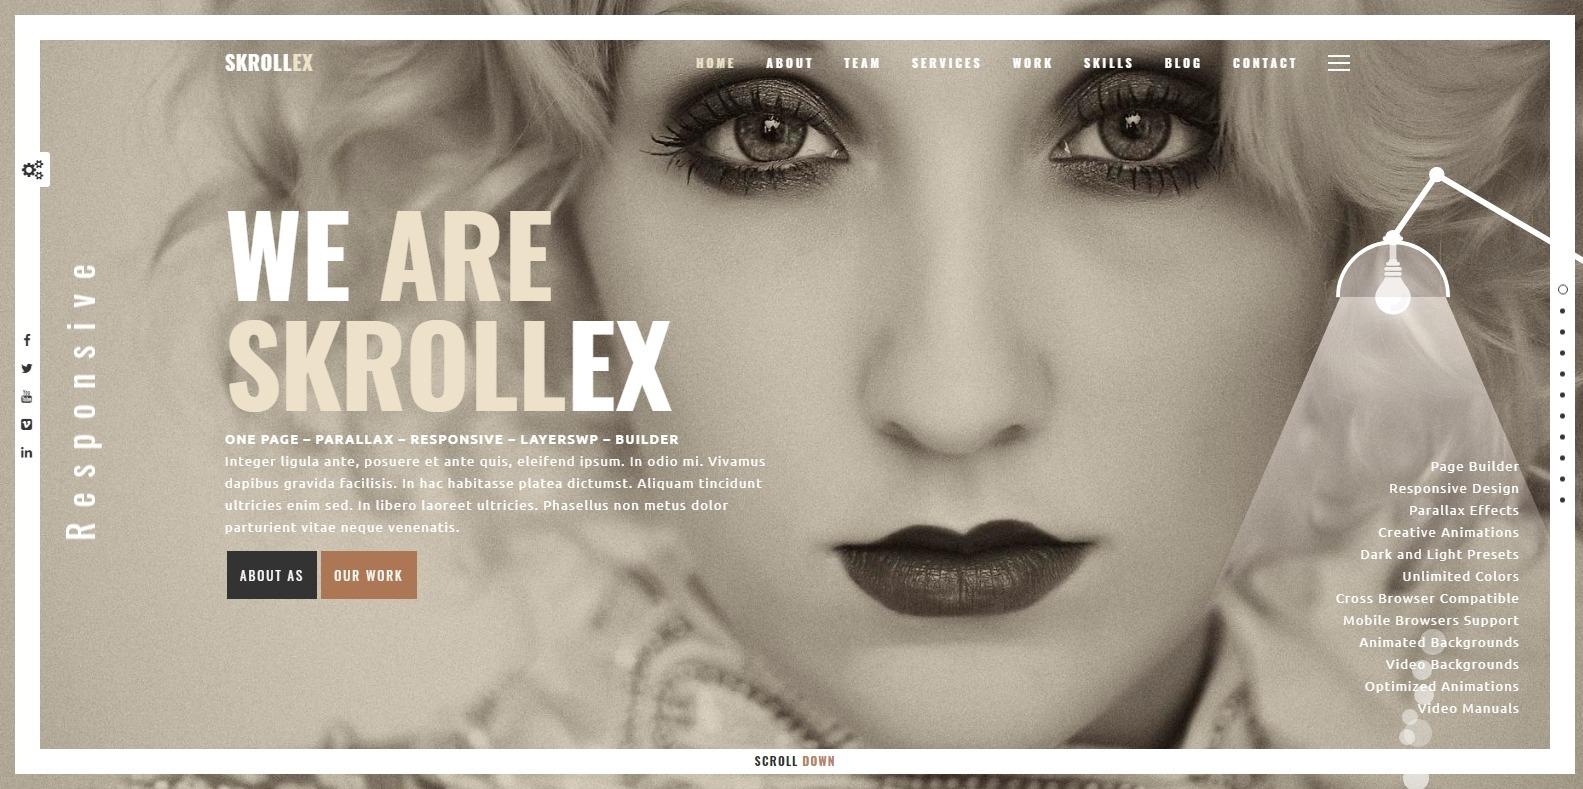 skrollex-parallax-website-template